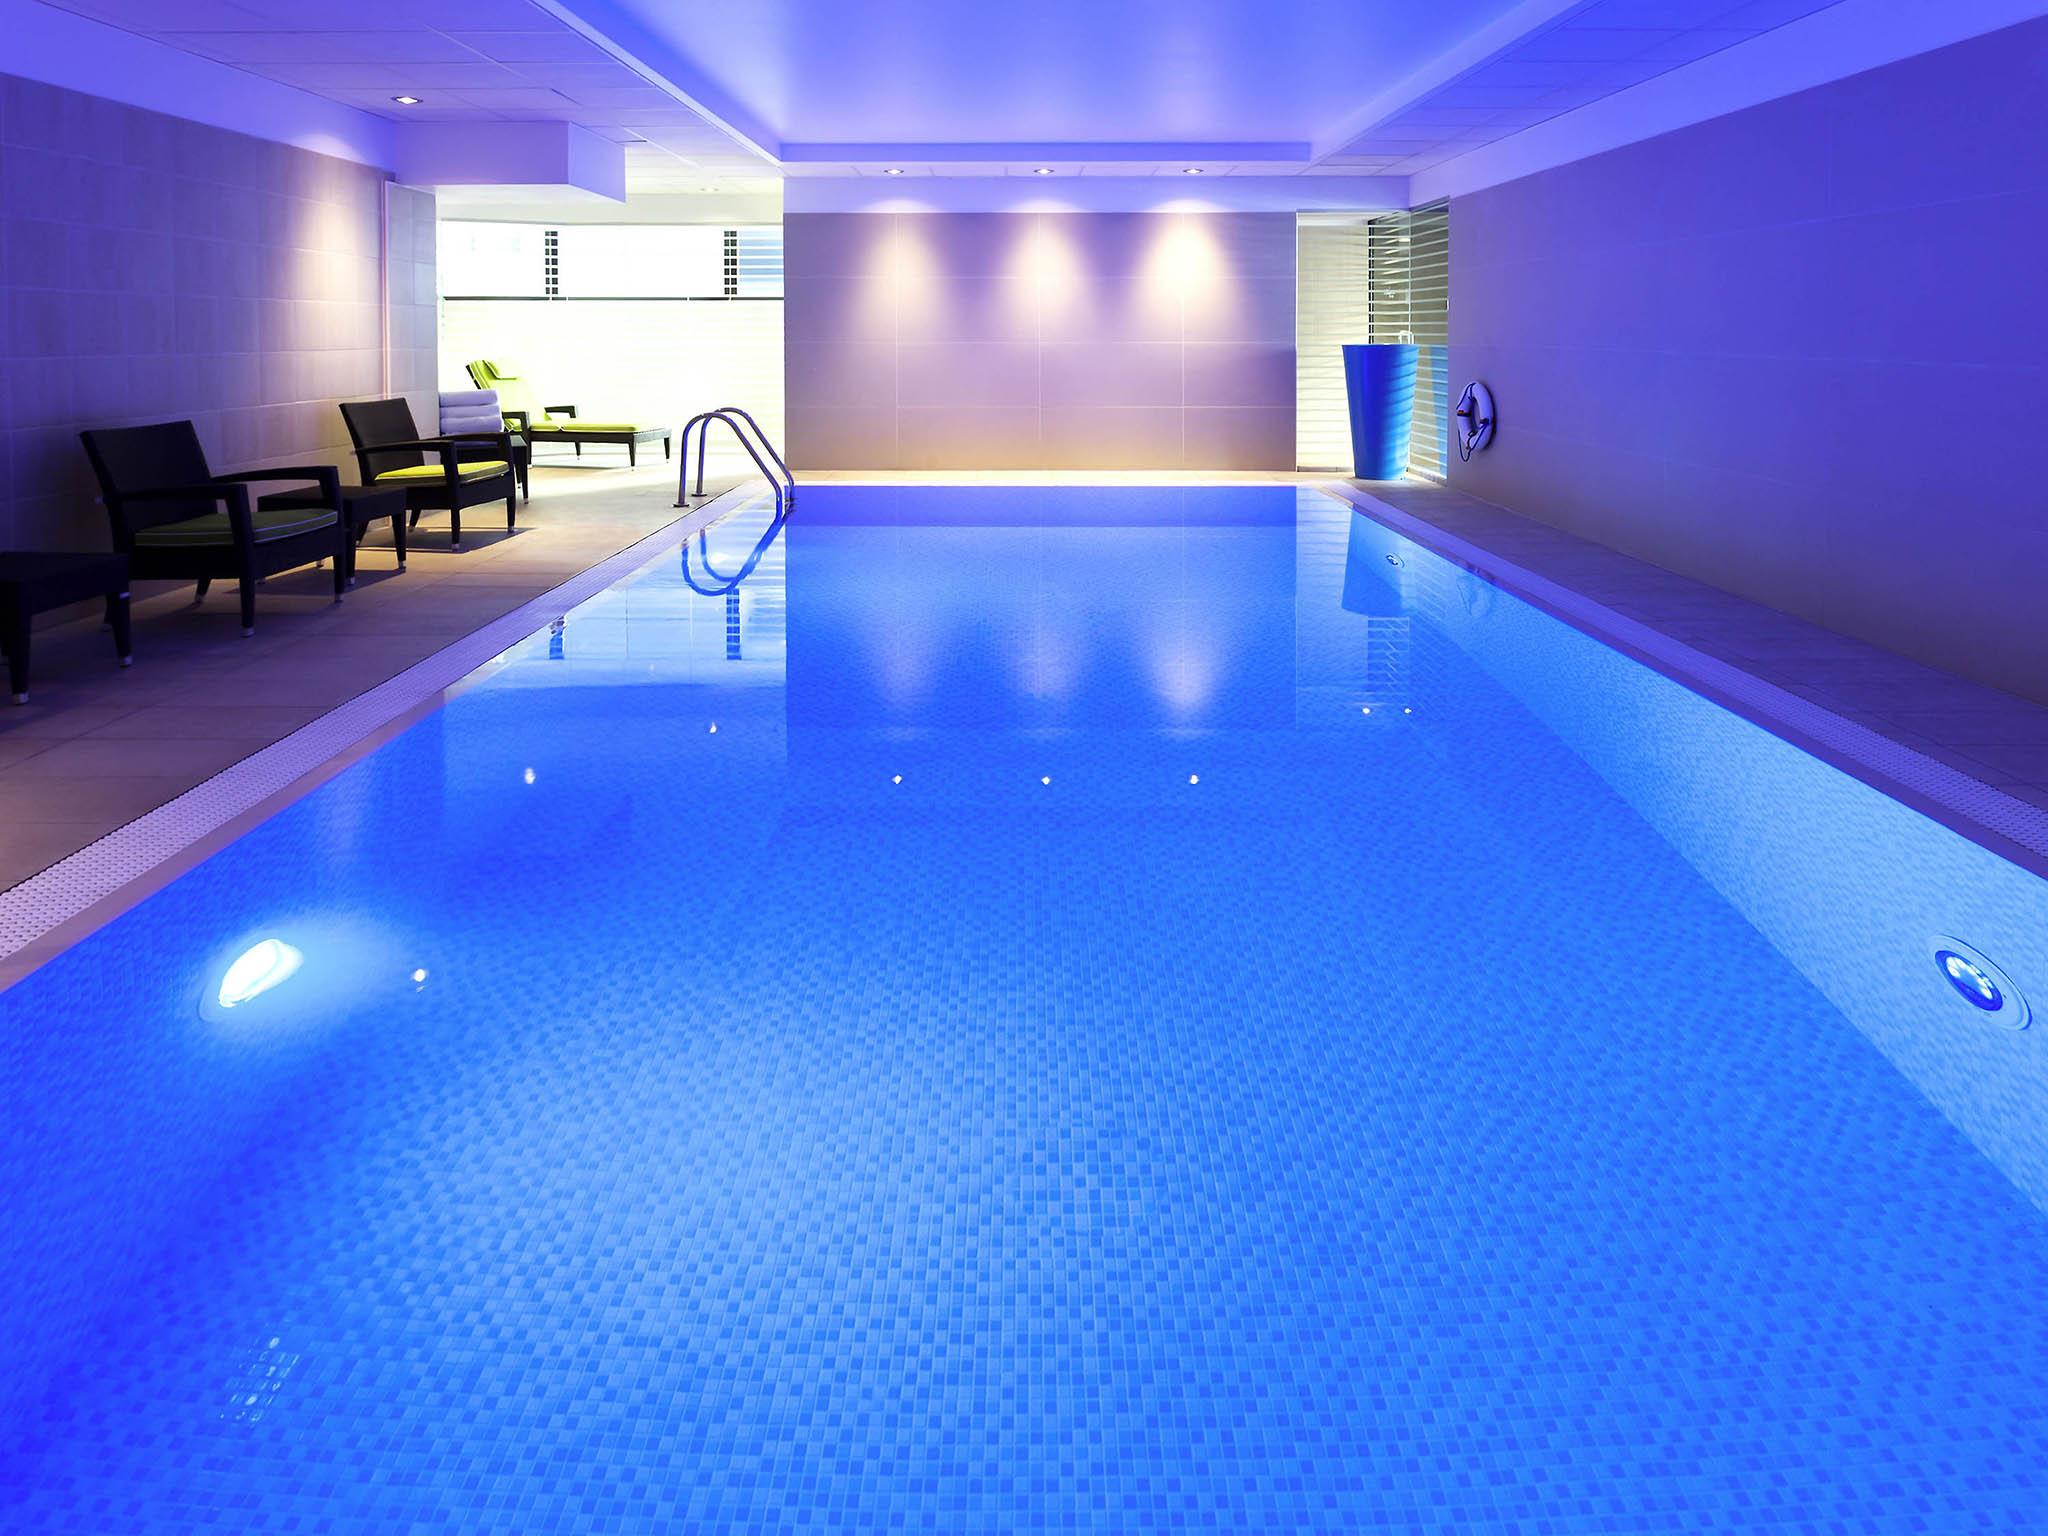 โรงแรม – โนโวเทล ลอนดอน แพดดิงตัน